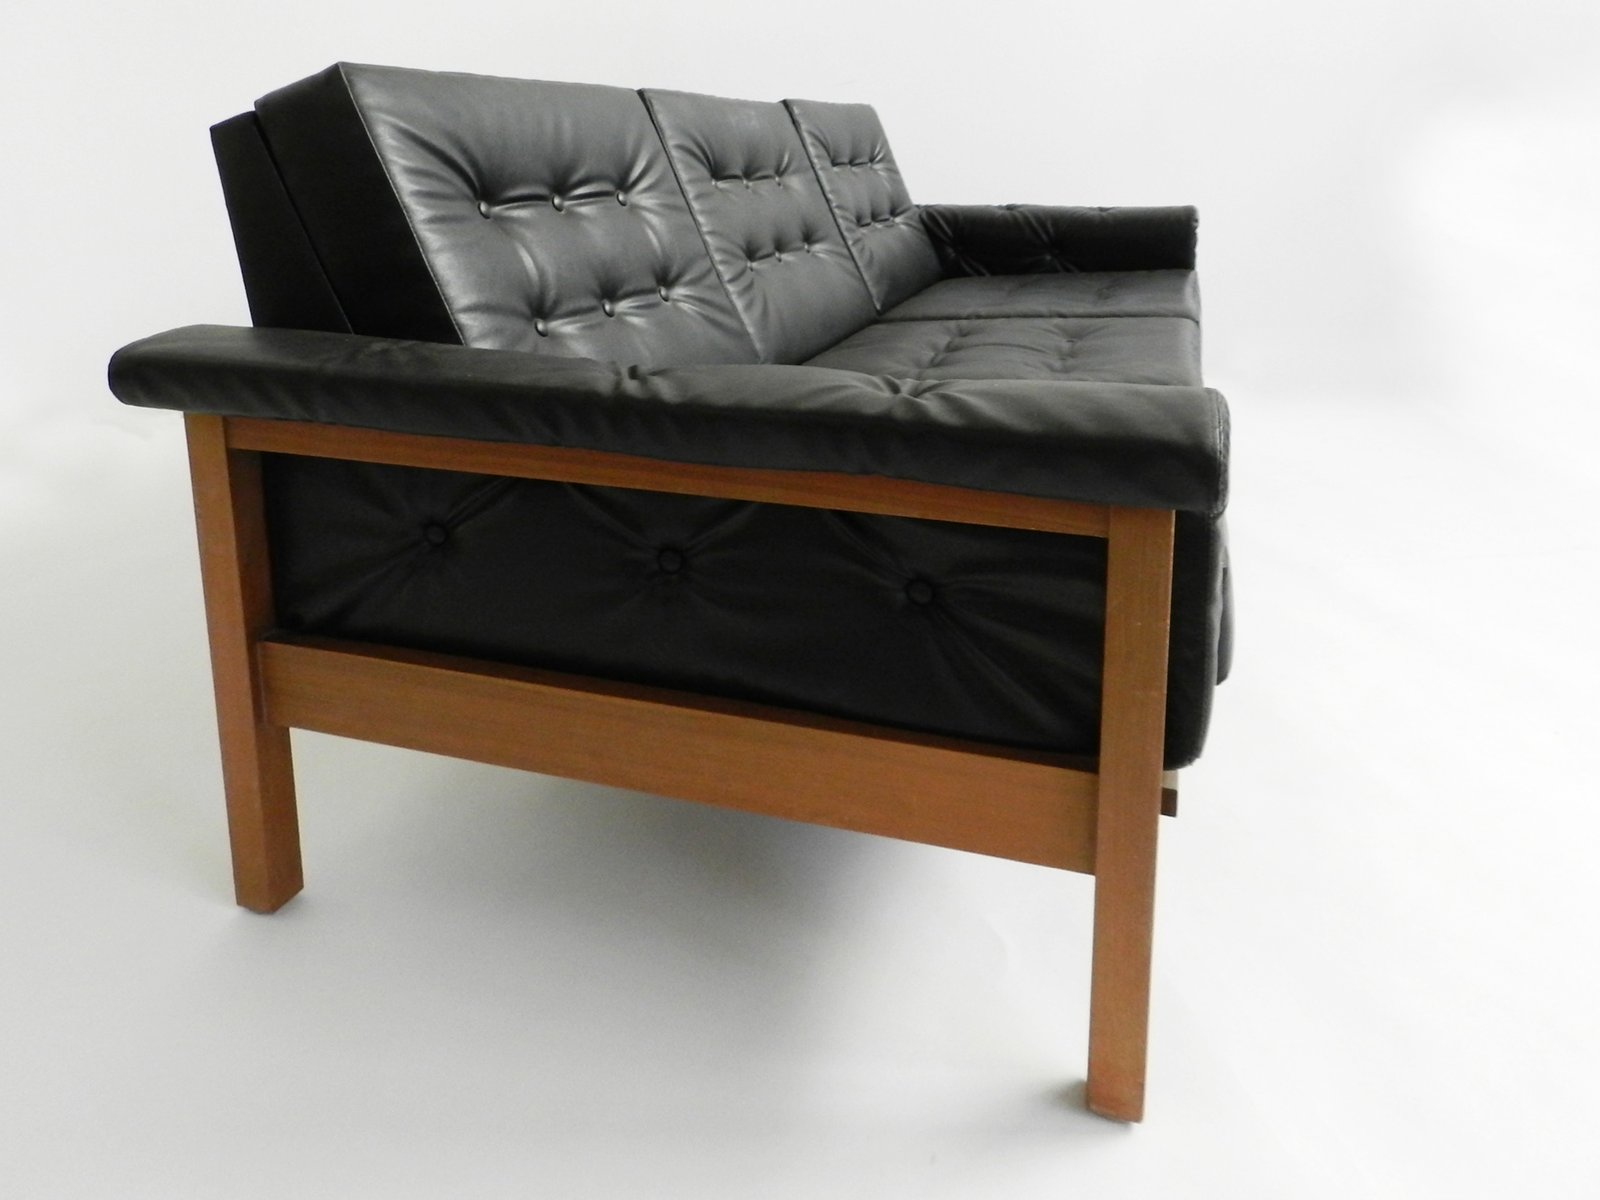 schwarzes d nisches mid century skai drei sitzer sofa bei pamono kaufen. Black Bedroom Furniture Sets. Home Design Ideas